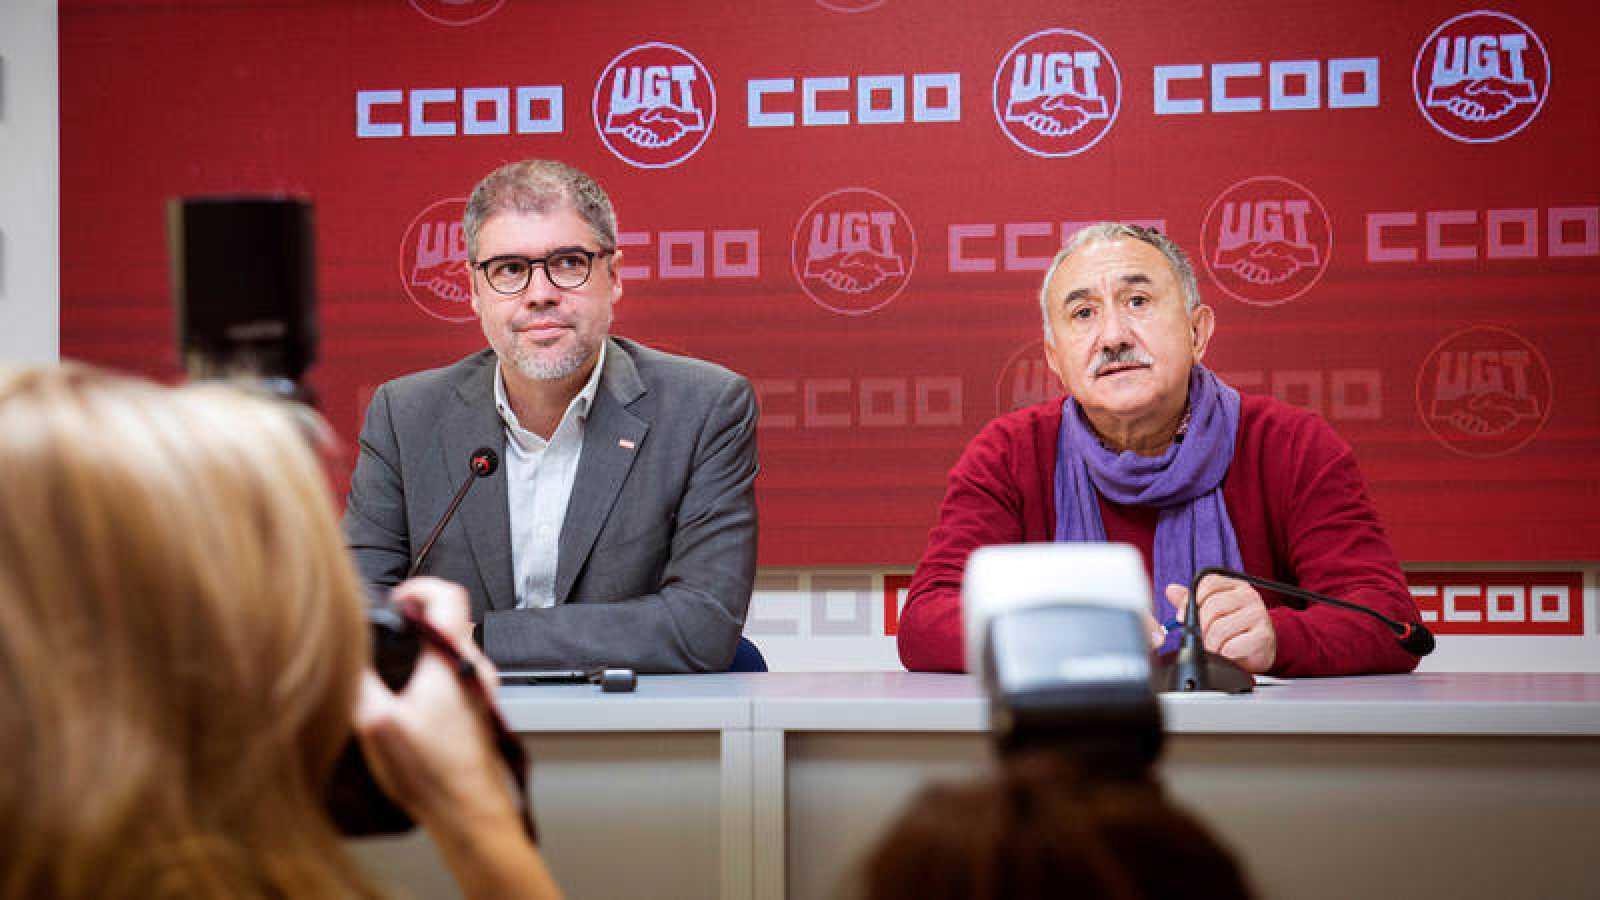 Los líderes de los sindicatos CC.OO. y UGT, Unai Sordo y Pepe Álvarez, durante una reciente reunión en Madrid